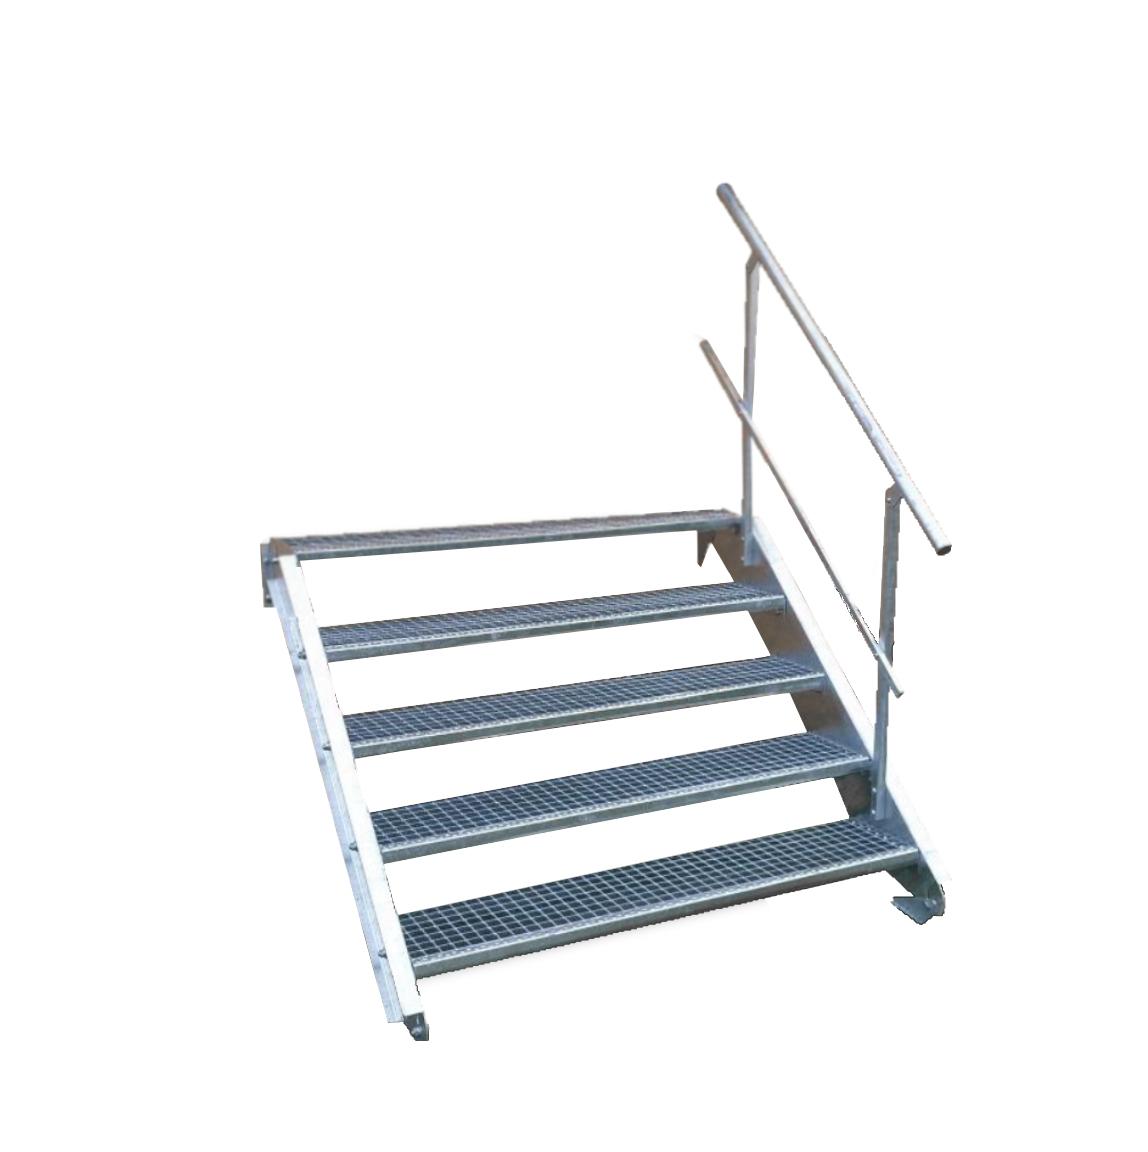 Wangentreppe Inklusive Zubeh/ör 5 Stufen Stahltreppe Breite 110cm Geschossh/öhe 70-105cm Stabile Industrietreppe f/ür den Au/ßenbereich Robuste Au/ßentreppe